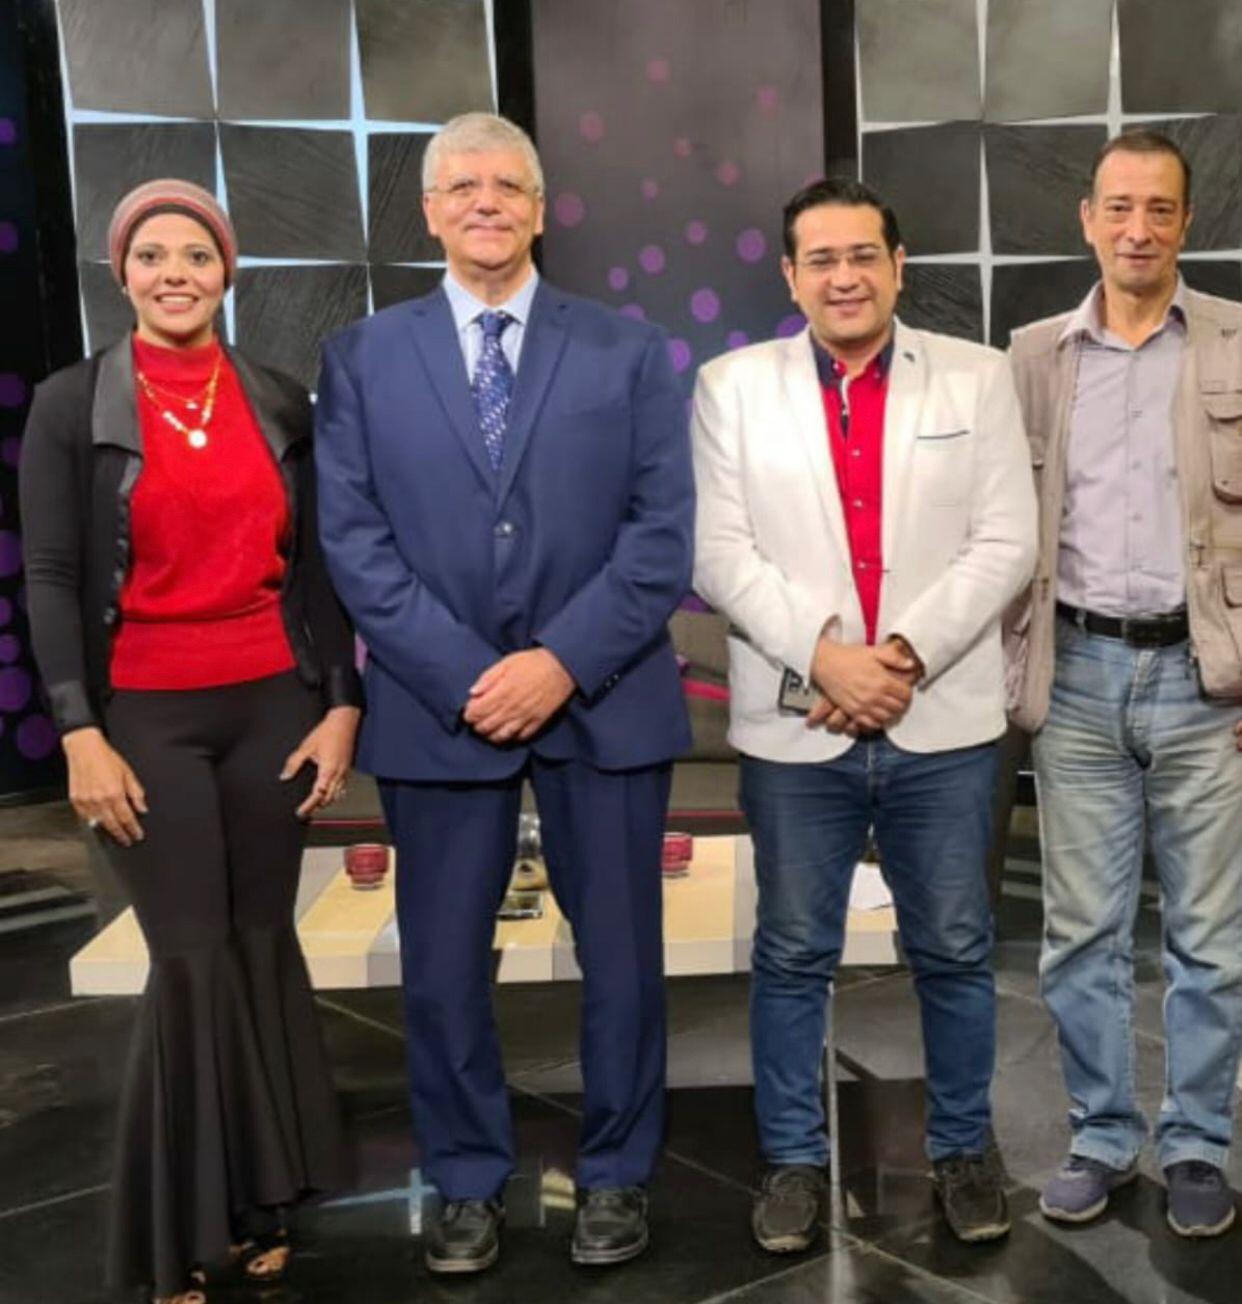 غدا الدكتور عمرو عدلي نائب وزير التعليم العالي الاسبق في نجوم علي لايف